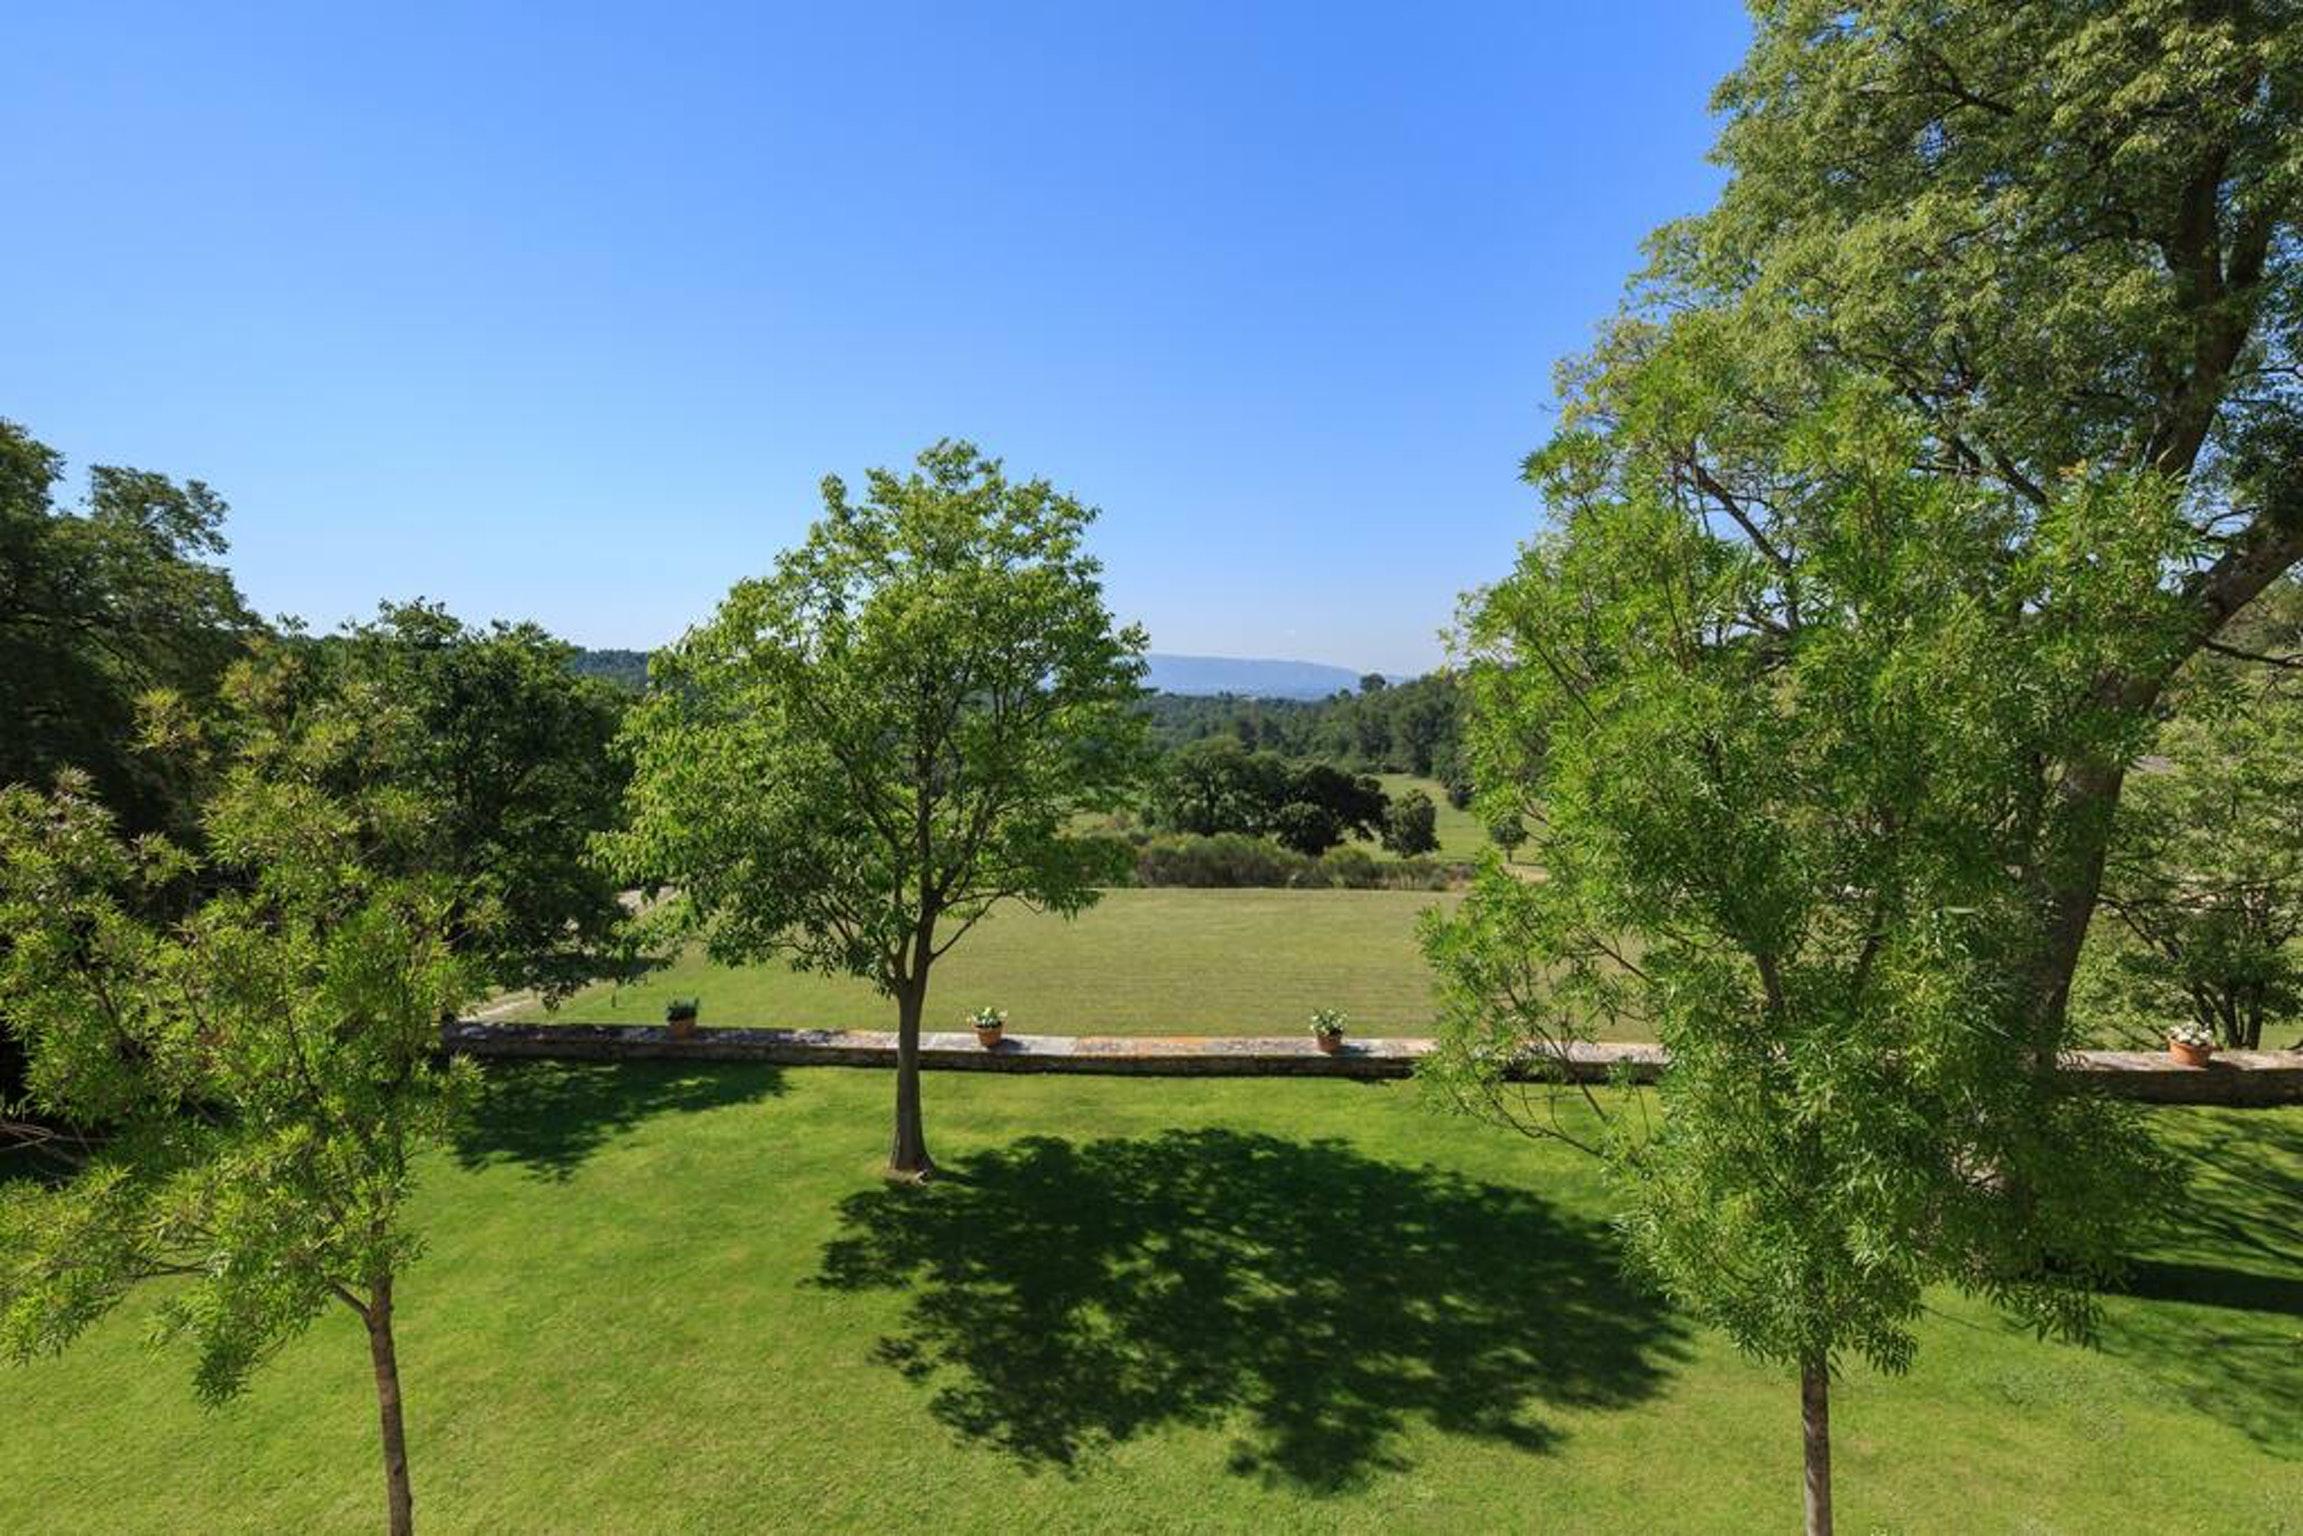 Maison de vacances Villa mit 6 Schlafzimmern in L'Isle-sur-la-Sorgue mit privatem Pool, möbliertem Garten und (2647203), L'Isle sur la Sorgue, Vaucluse, Provence - Alpes - Côte d'Azur, France, image 31